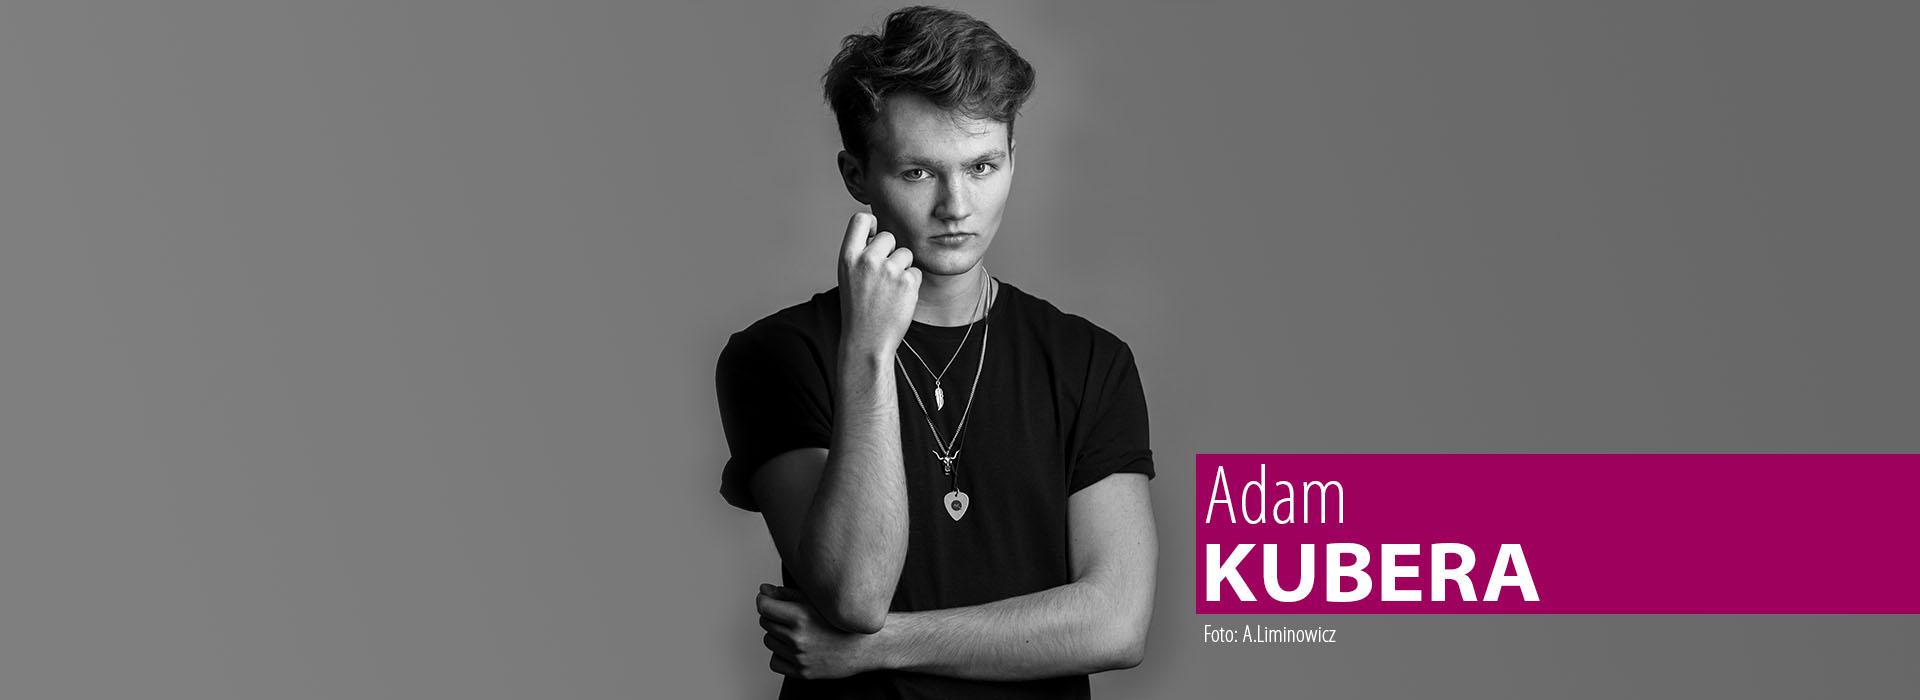 Adam Kubera